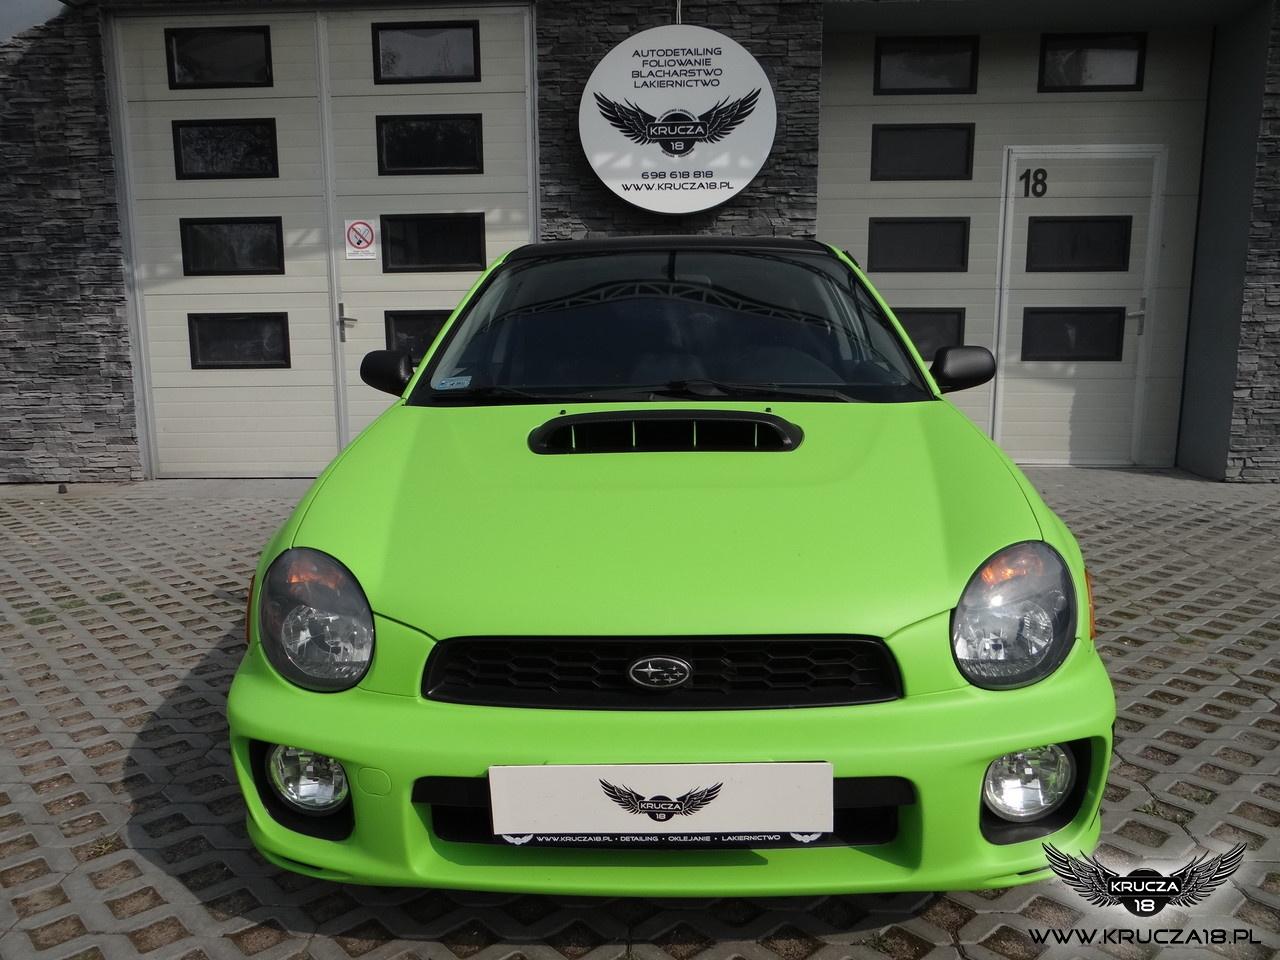 SUBARU IMPREZA WRX : zmiana koloru auta folią, oklejanie : Toxic GREEN : Krucza18 : Osielsko : Bydgoszcz